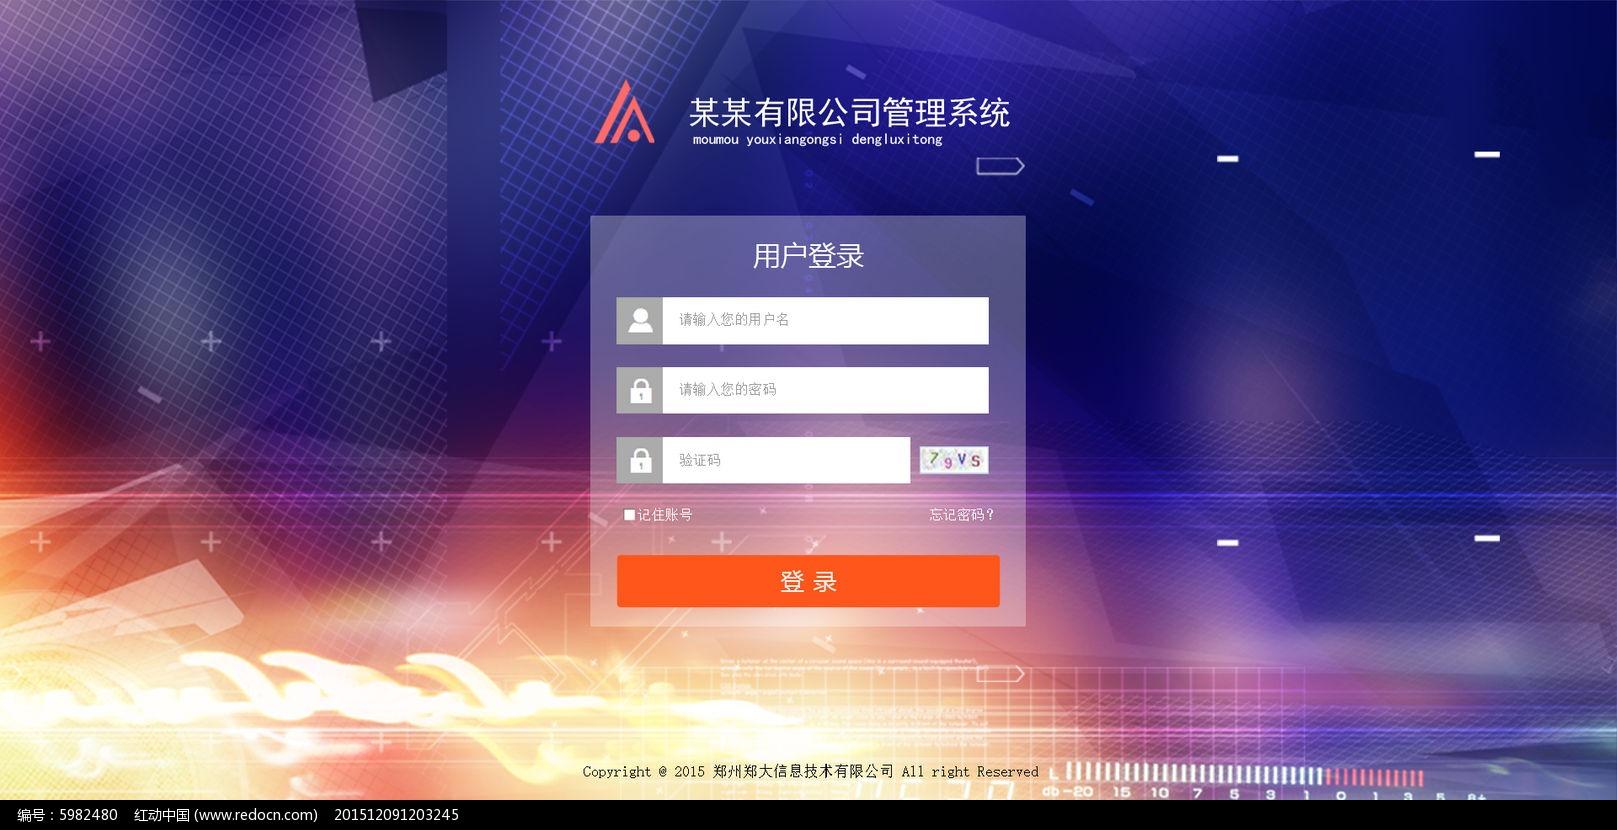 炫酷科技背景管理登录系统界面